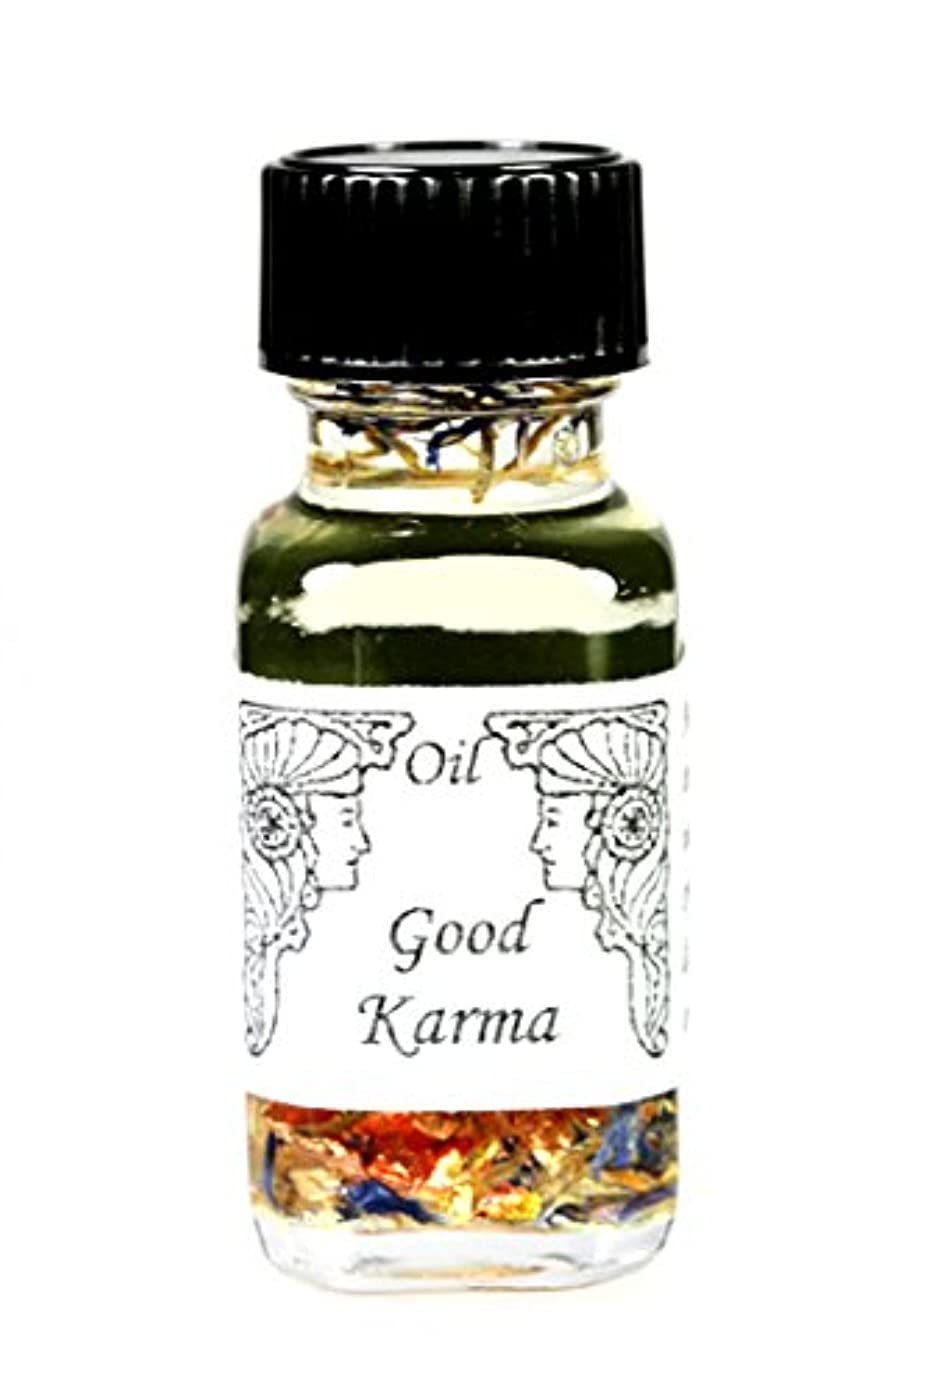 リフレッシュ無し否認するアンシェントメモリーオイル Good Karma (良いカルマ)